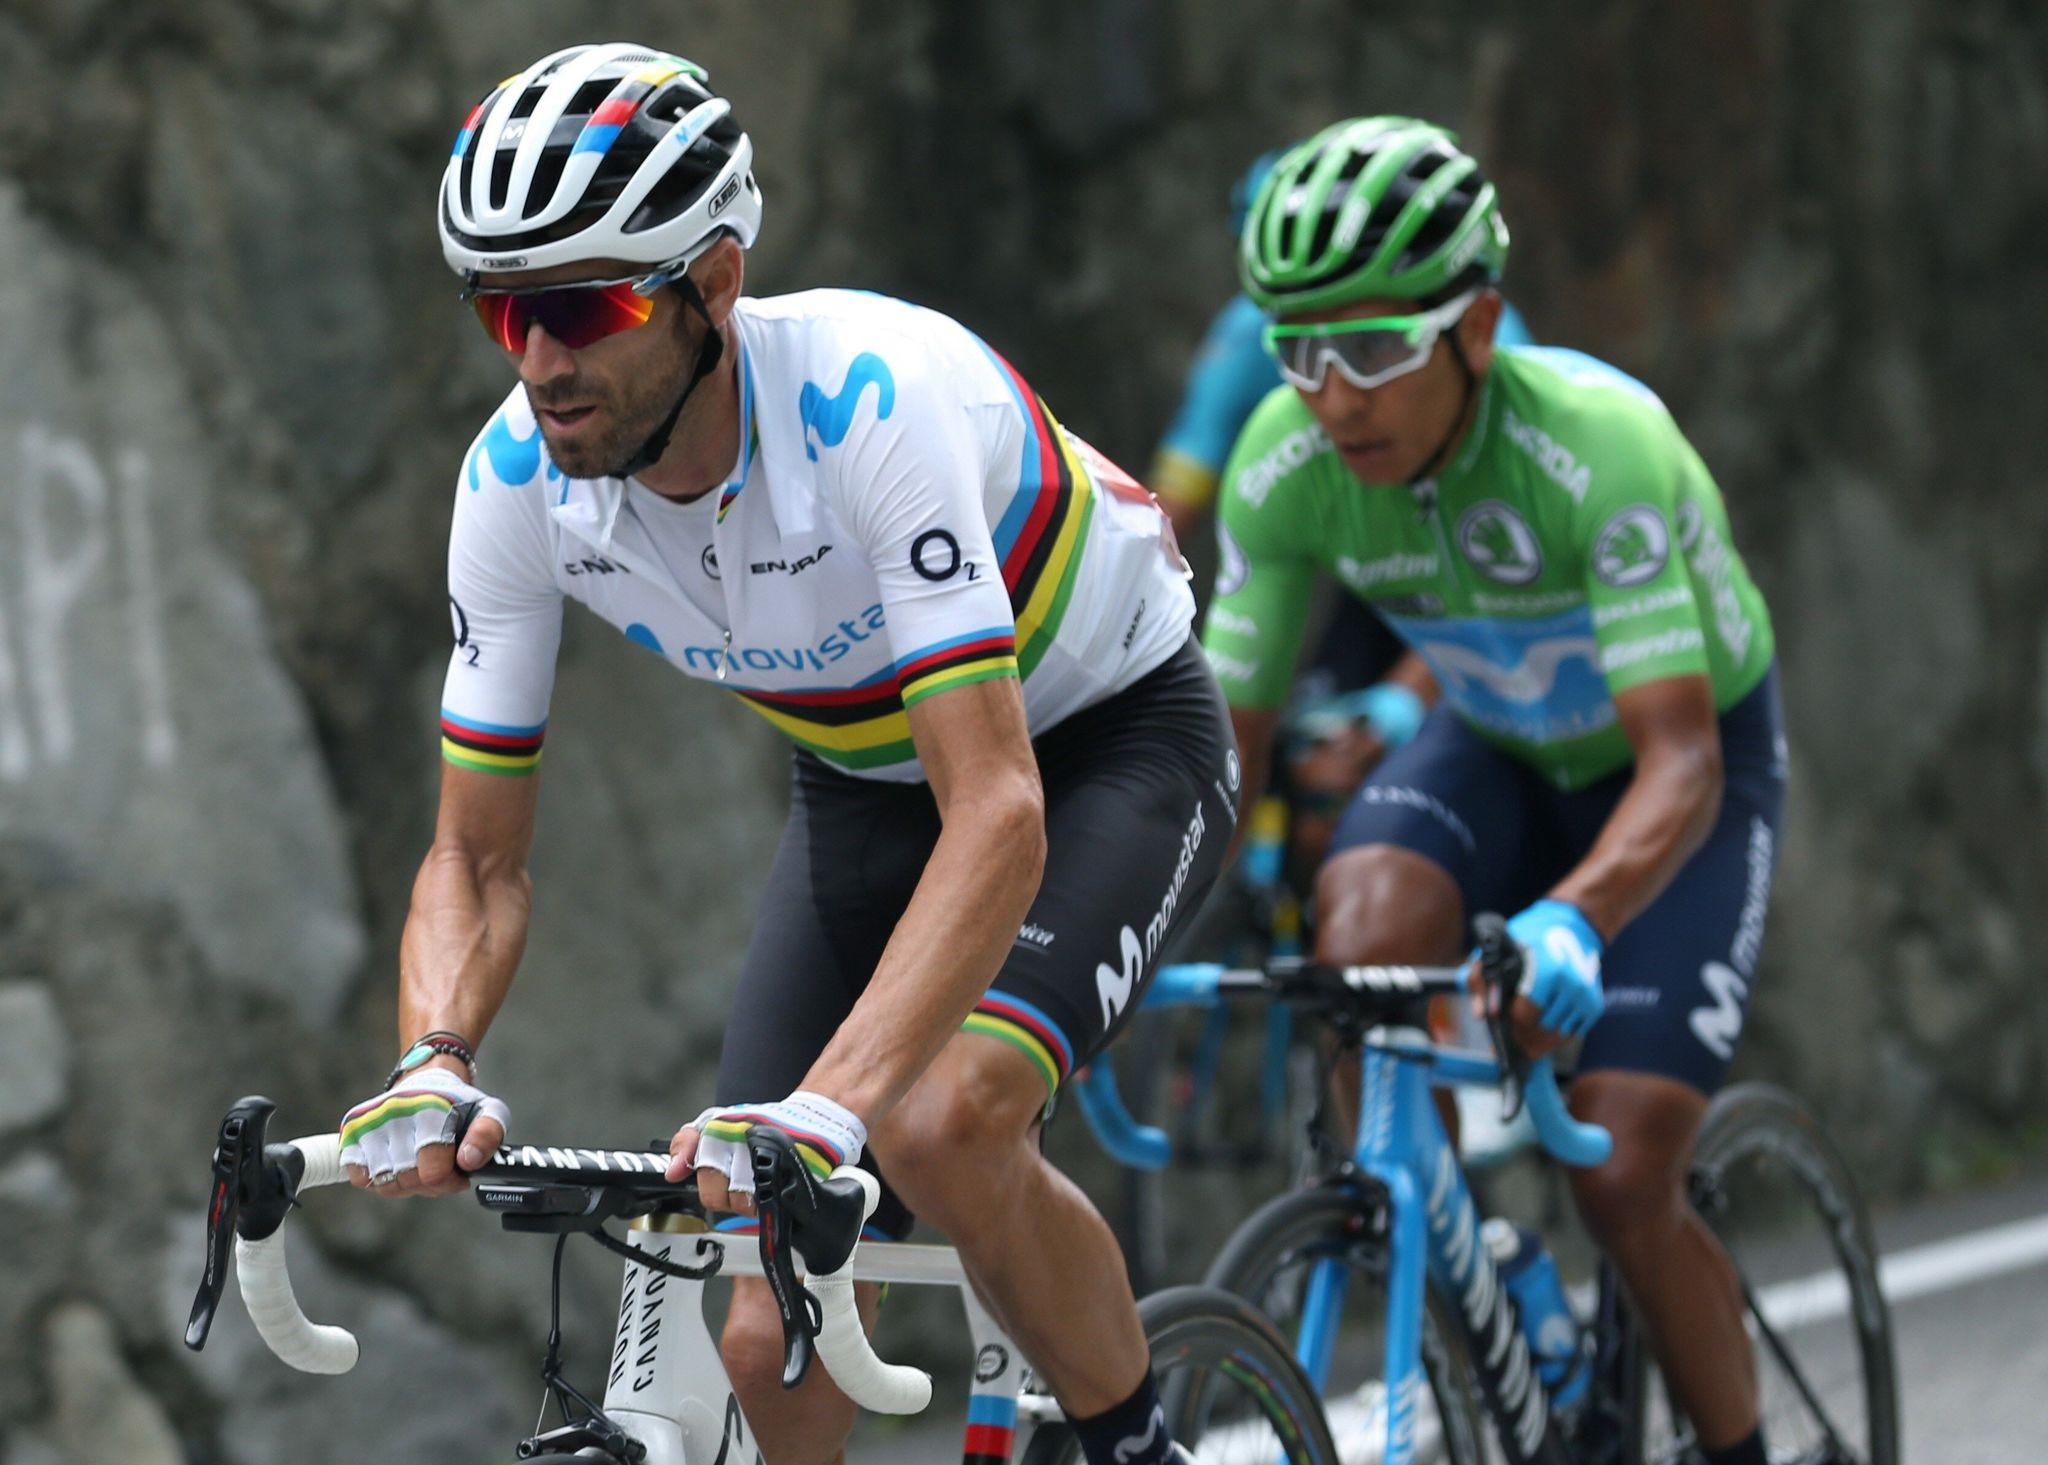 GRAF4716. ANDORRA, 01/09/2019.- Los ciclistas del equipo Movistar, el colombiano Nairo Quintana (d) y el español <HIT>Alejandro</HIT><HIT>Valverde</HIT>, durante la novena etapa de la 74 Vuelta a España 2019, con salida en la localidad de Andorra La Vella y meta en Cortals D Encamp, y un recorrido de 94,4 kilómetros. El esloveno Tadej Pogacar (UAE Emirates), de 20 años, fue el vencedor de la novena etapa de la Vuelta, en la que el colombiano Nairo Quintana se enfundó el maillot rojo de líder. EFE/ Javier Lizón